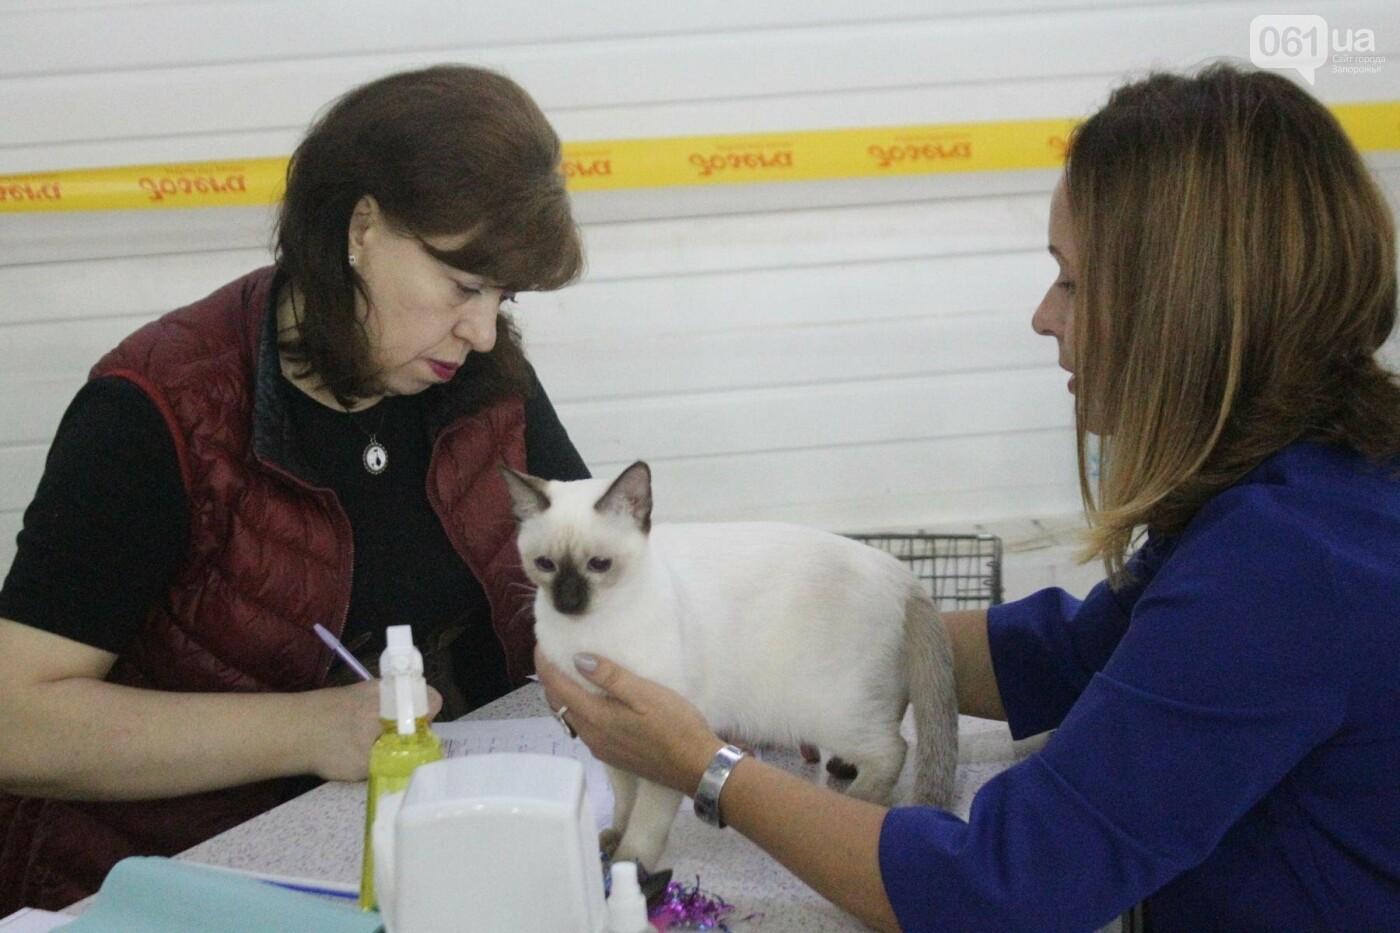 Как в Запорожье проходит международная выставка кошек, – ФОТОРЕПОРТАЖ, фото-5